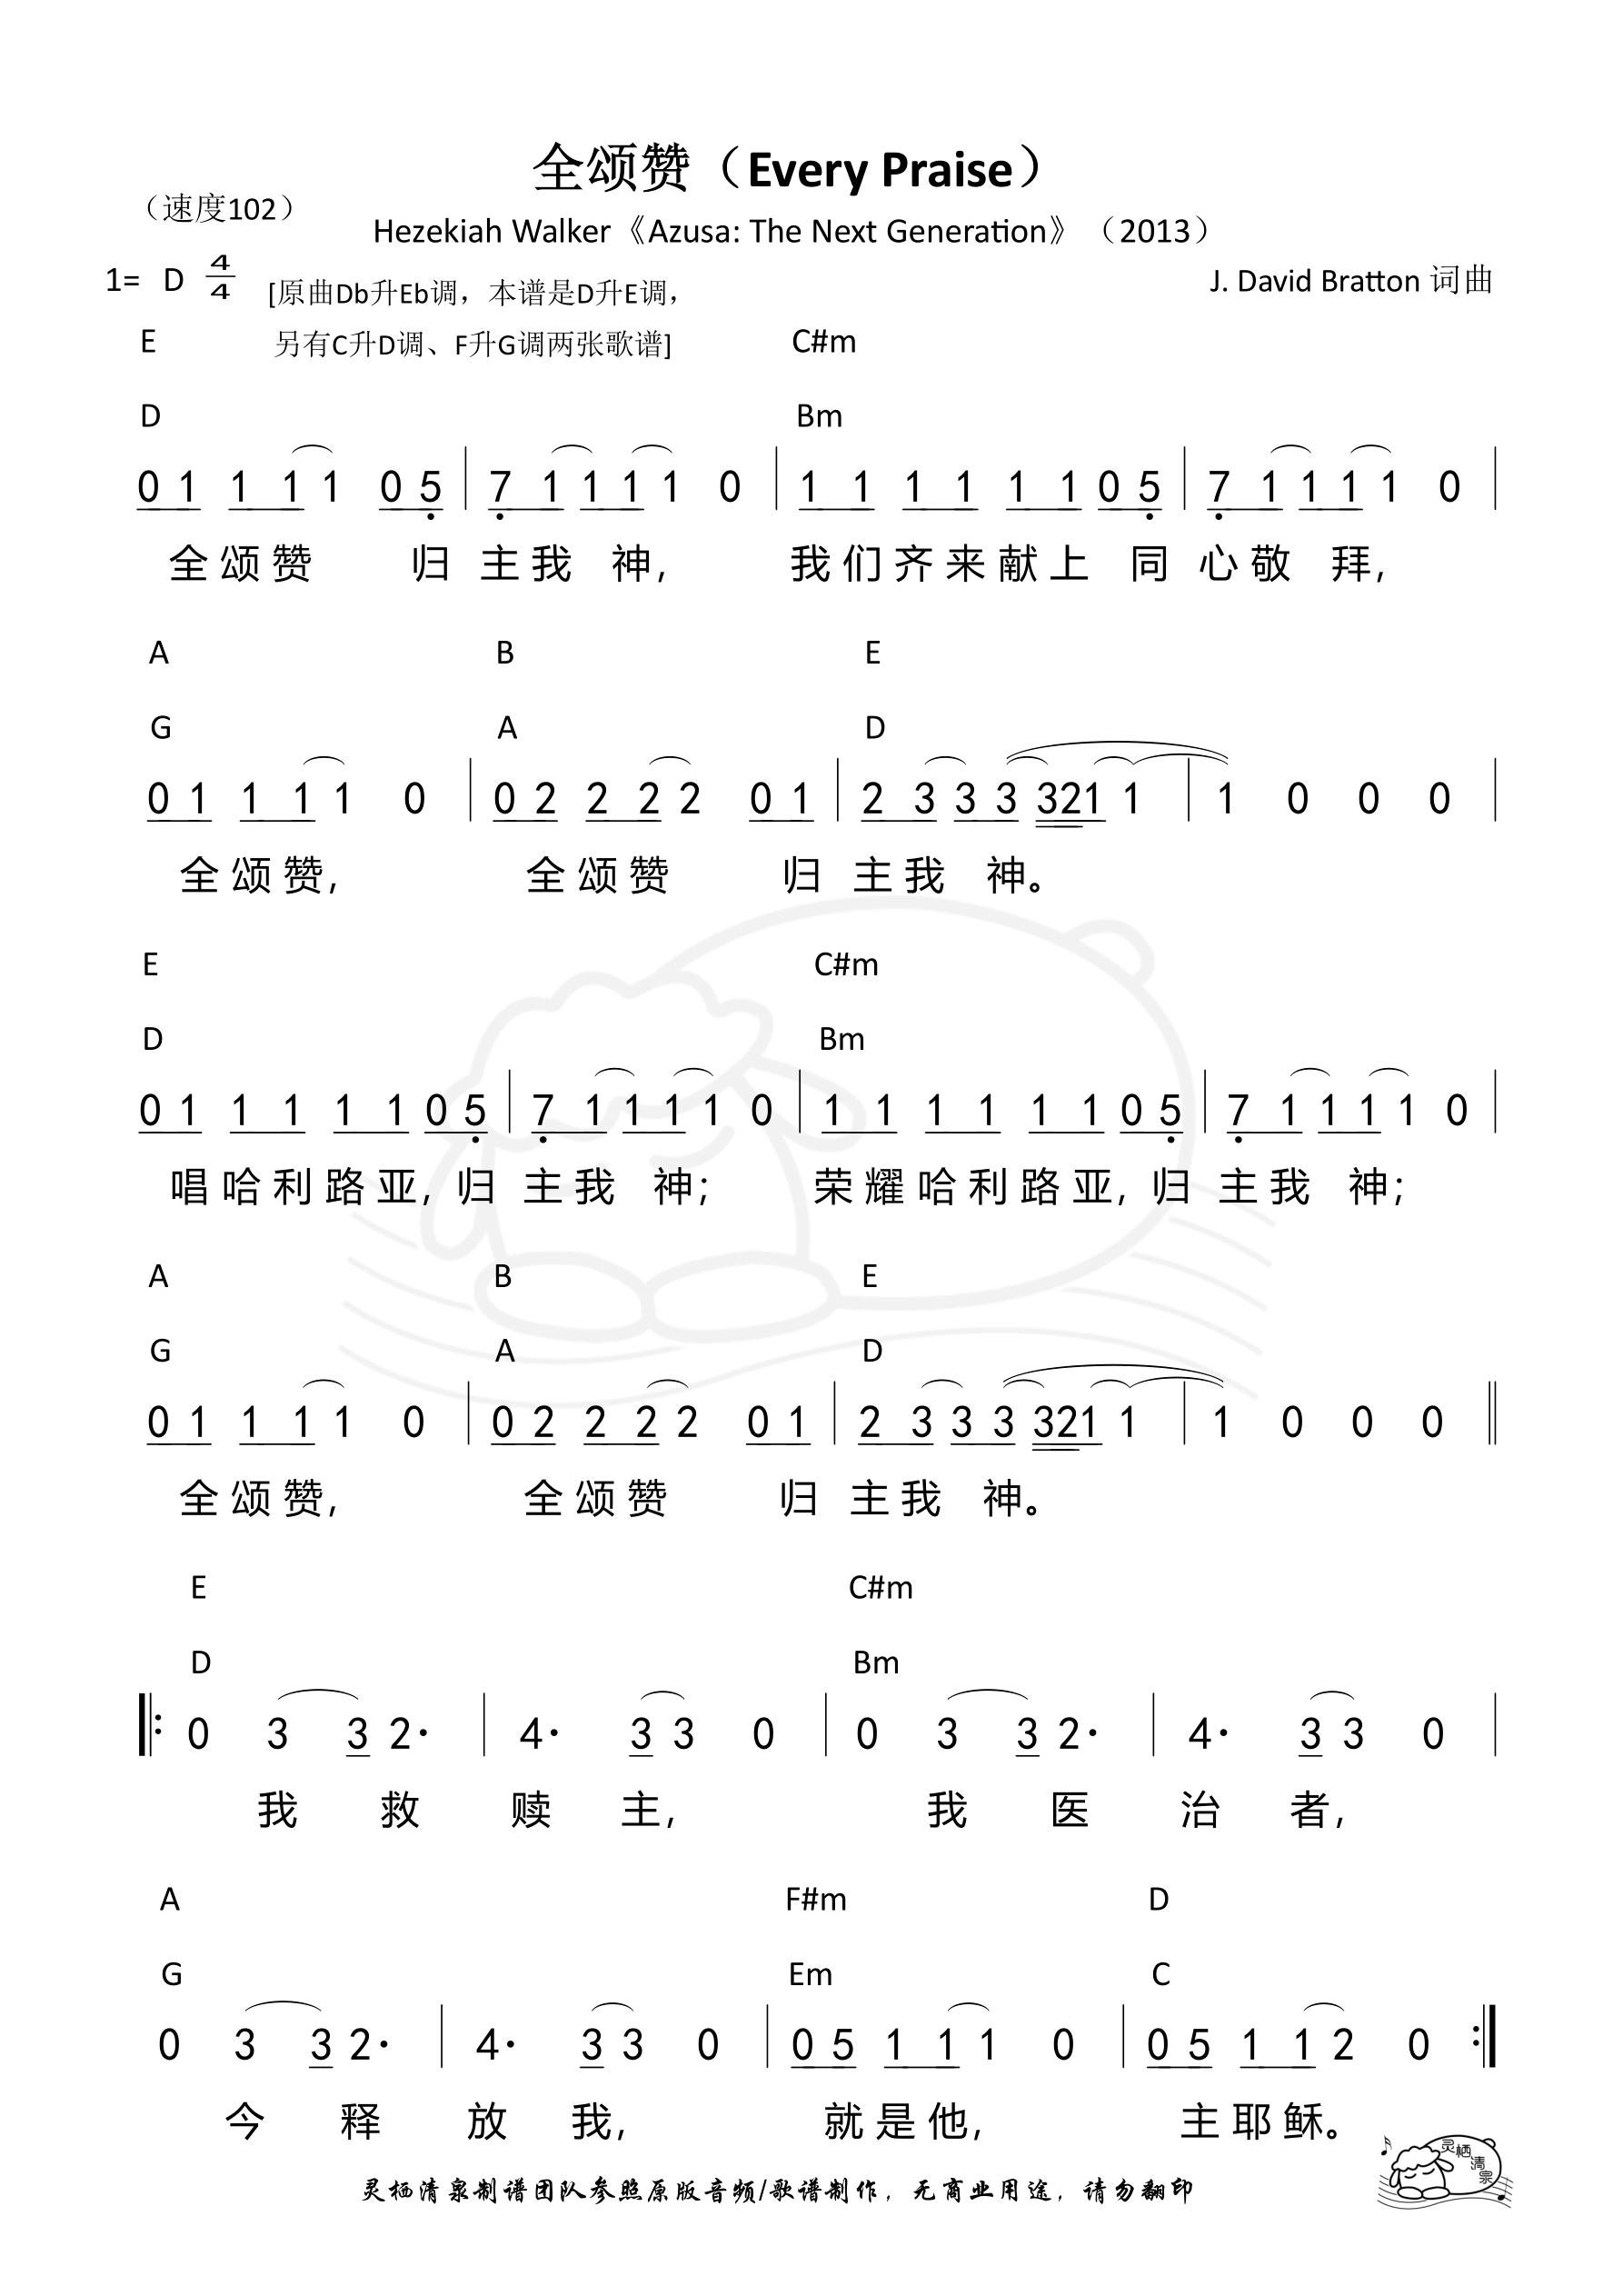 《第996首 - 全颂赞(Every Praise)(D升E)》